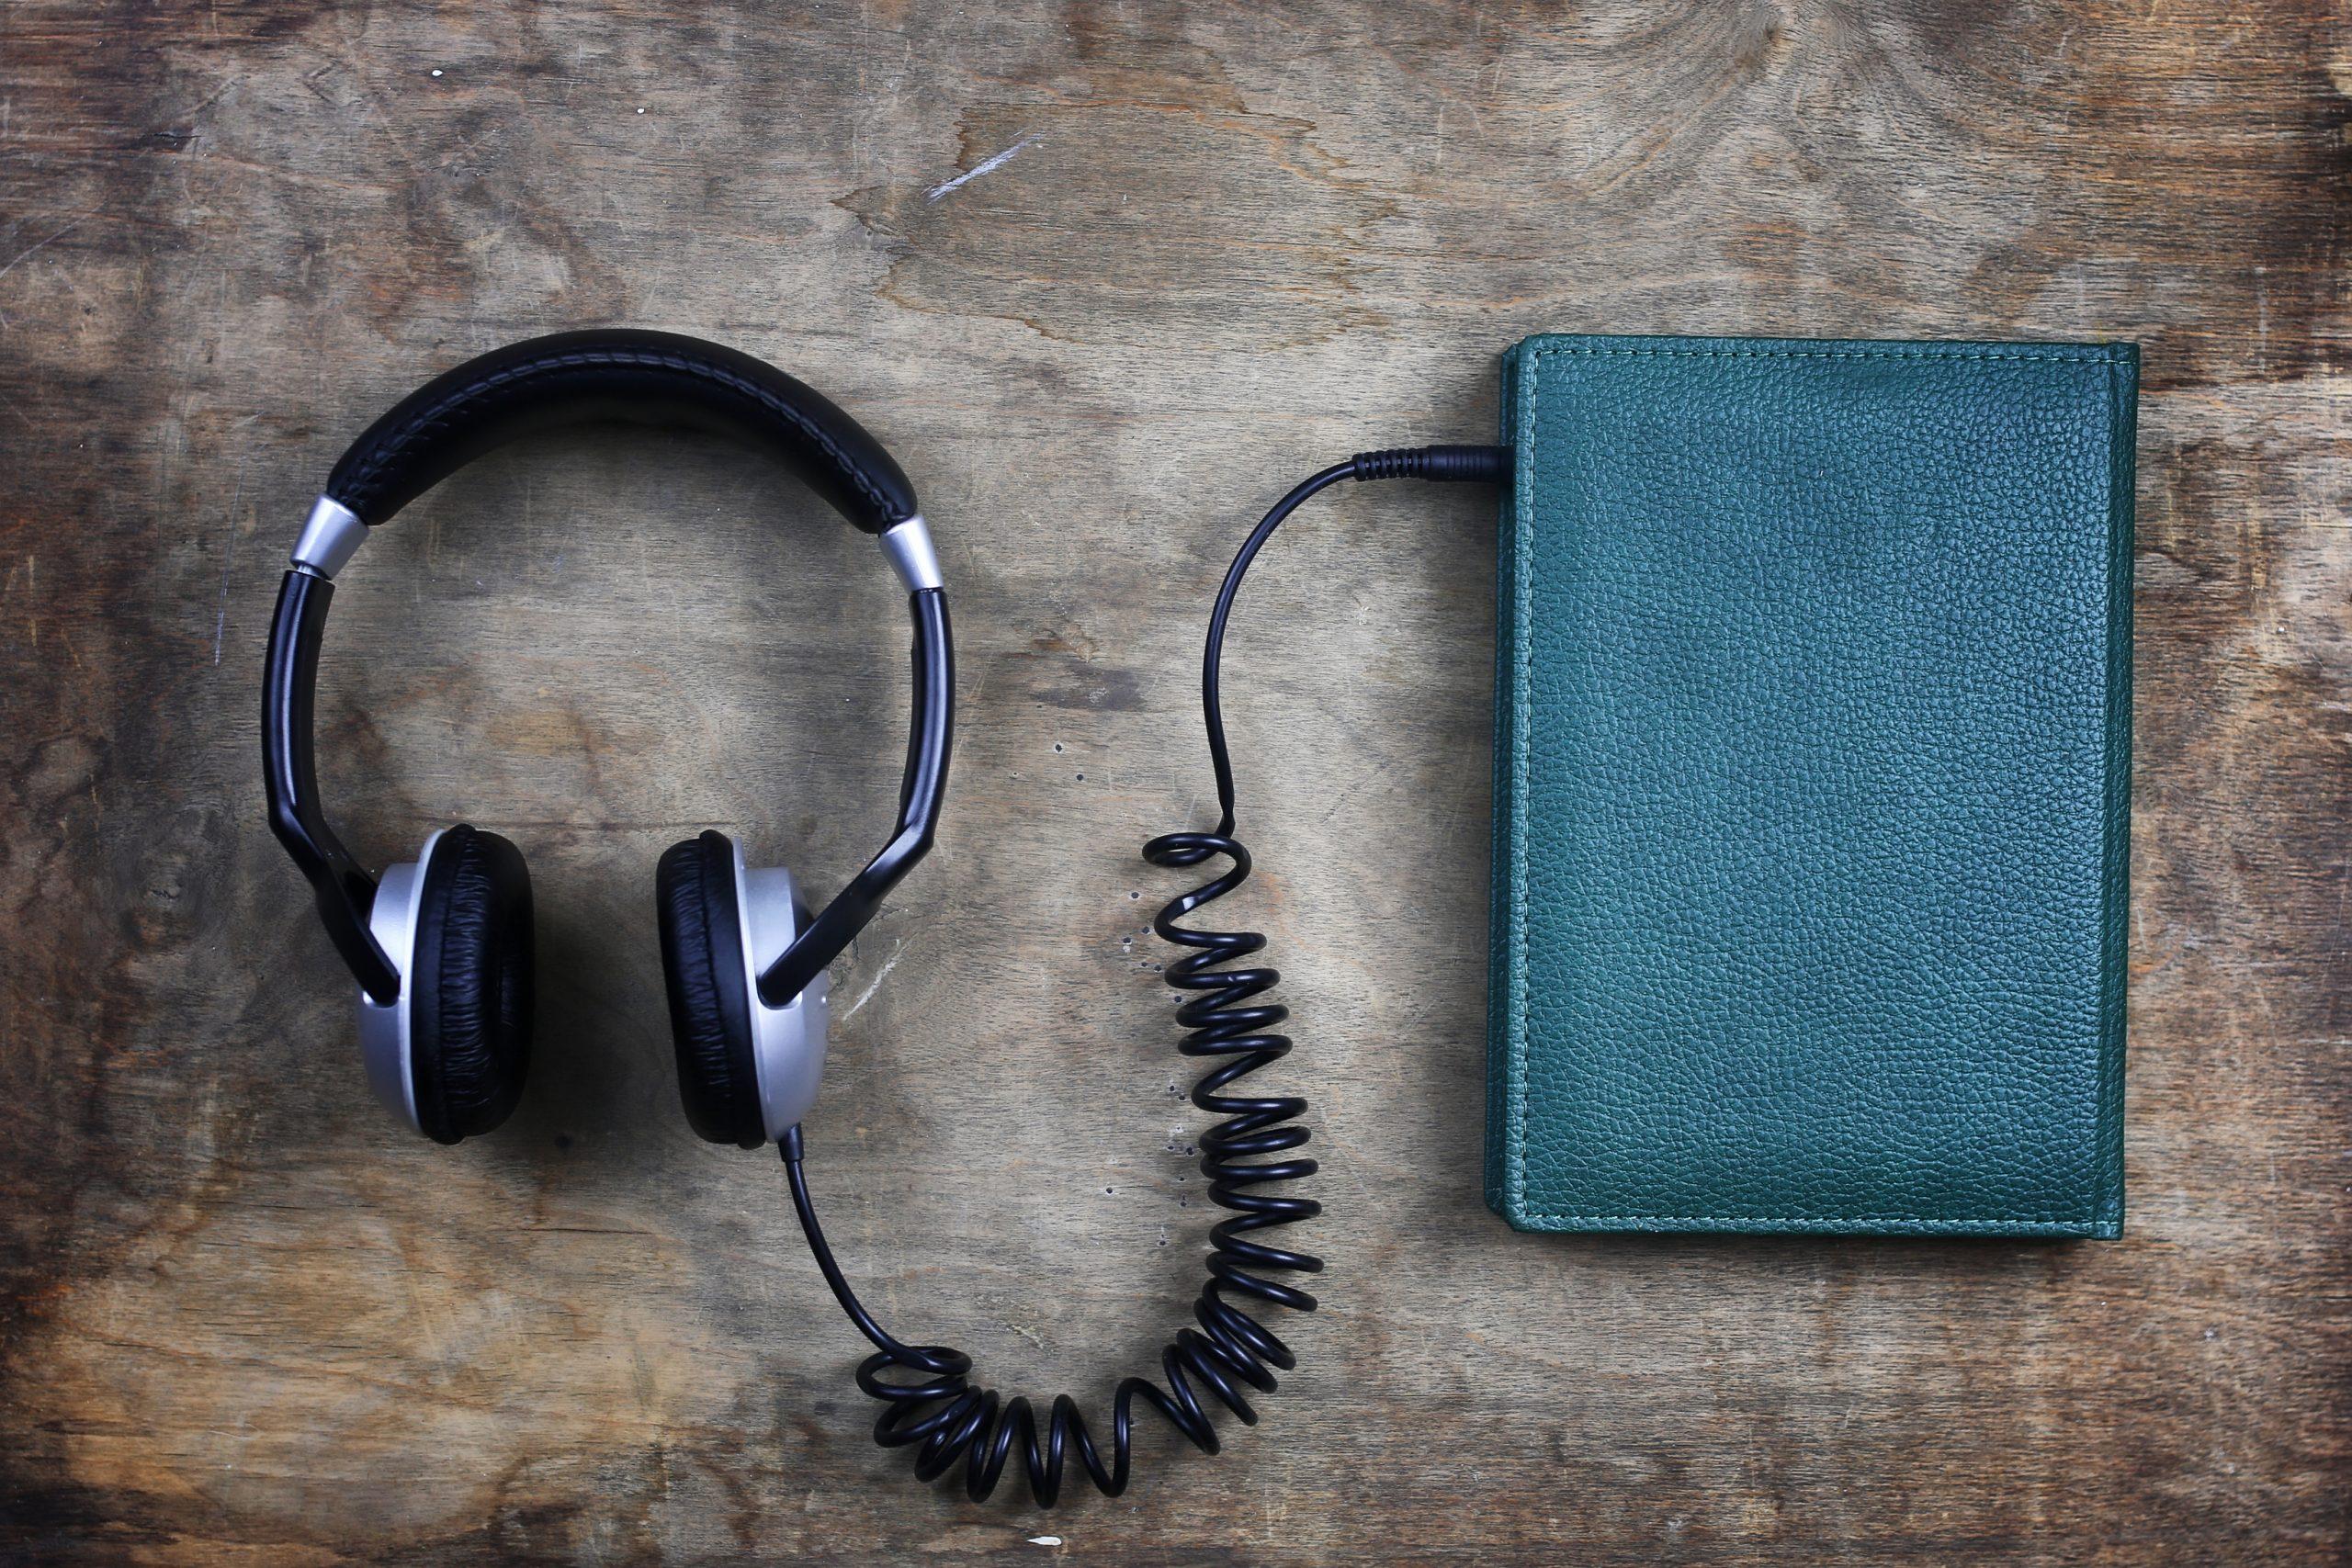 Audiolibros: ¿Cuál es el mejor del 2020?